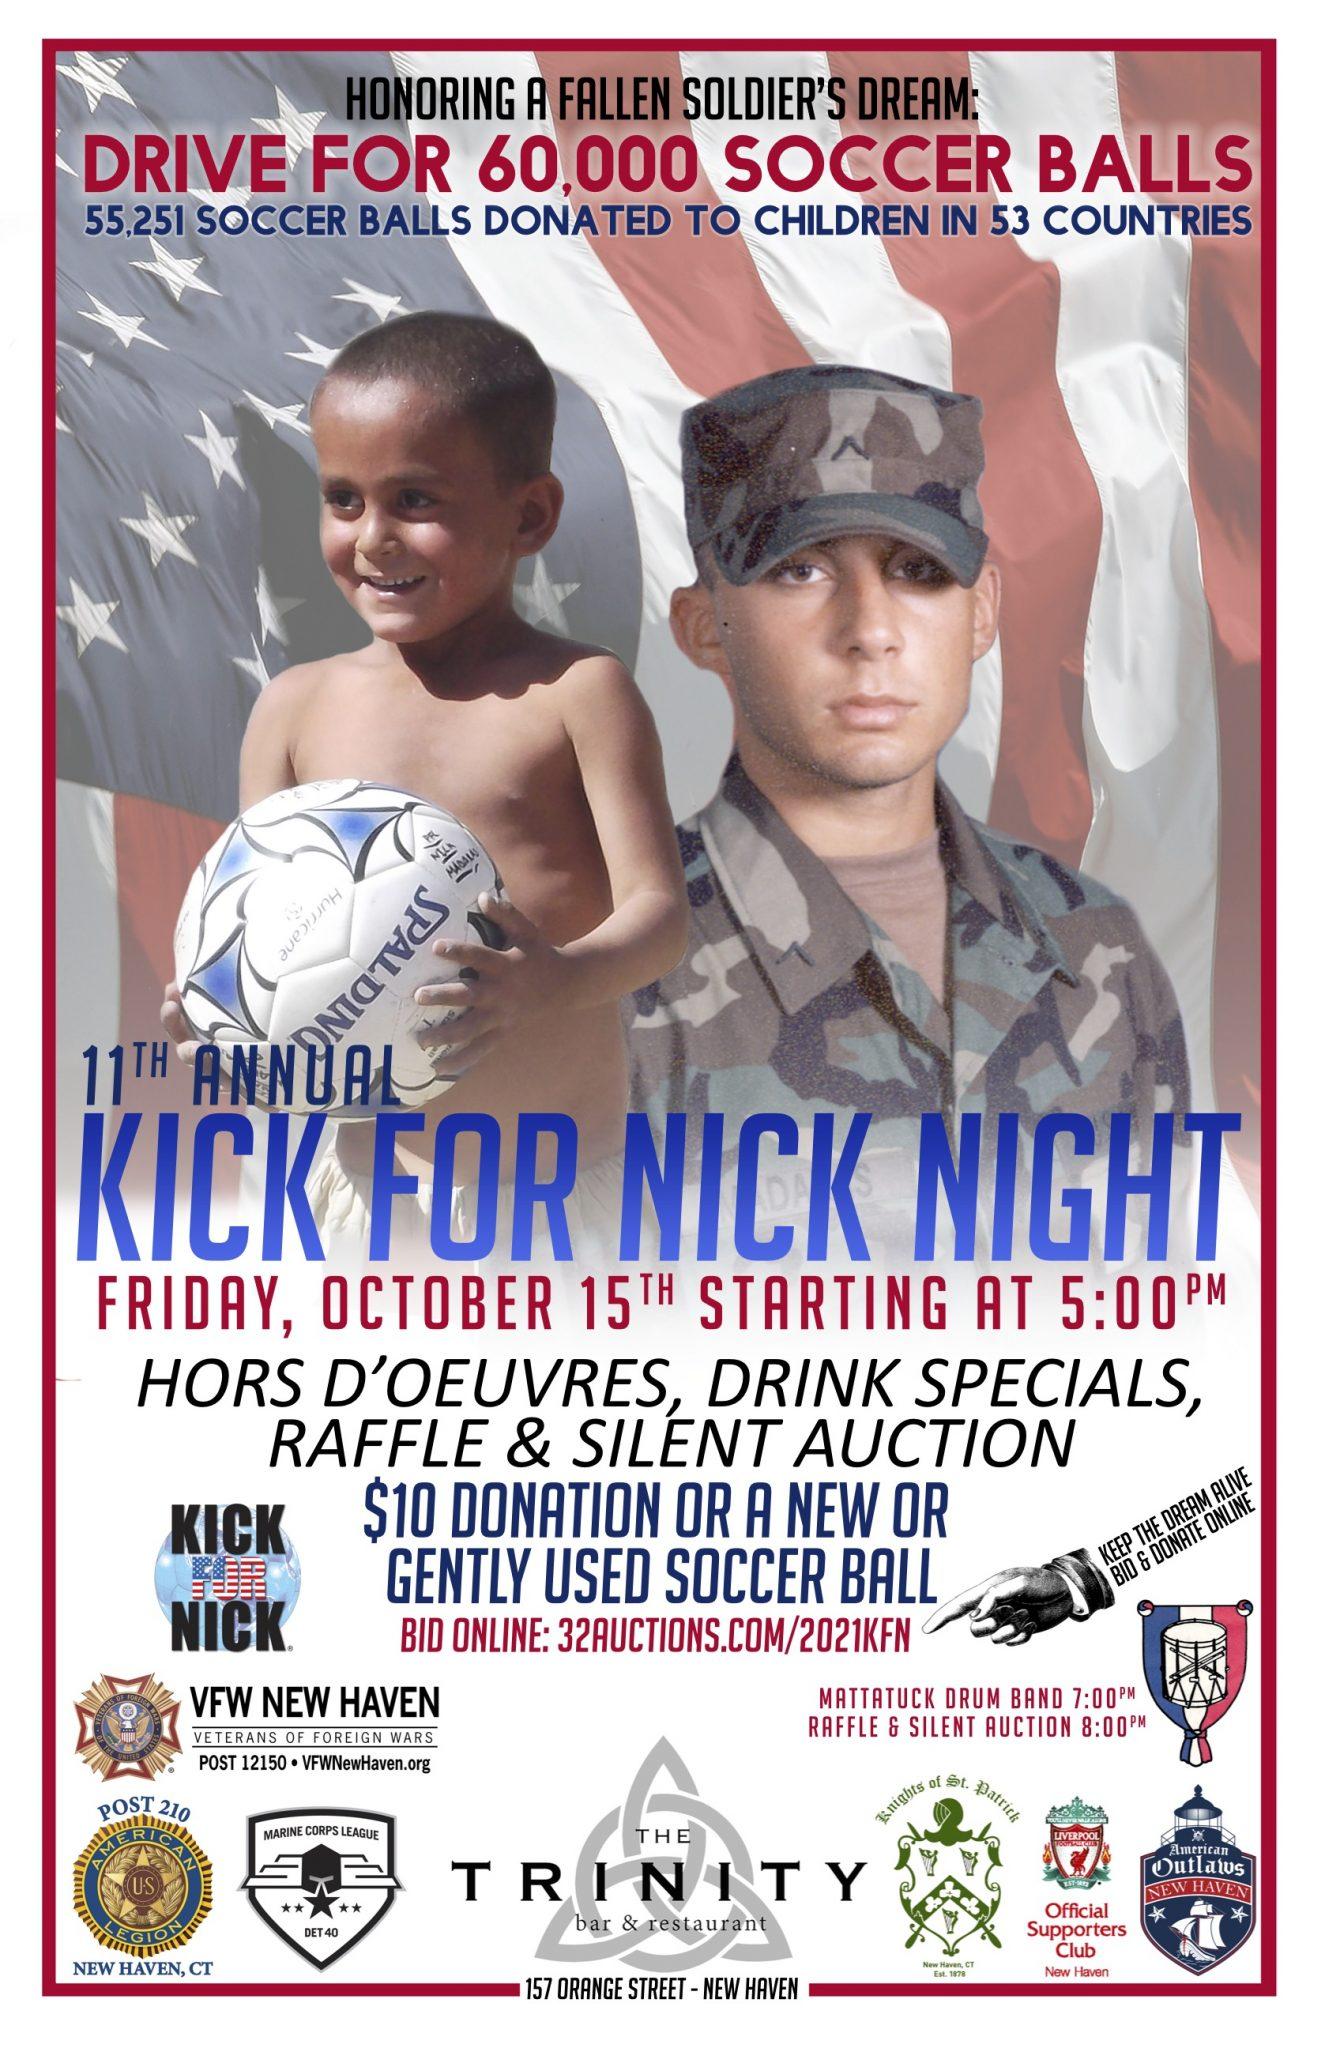 Kick for Nick Poster